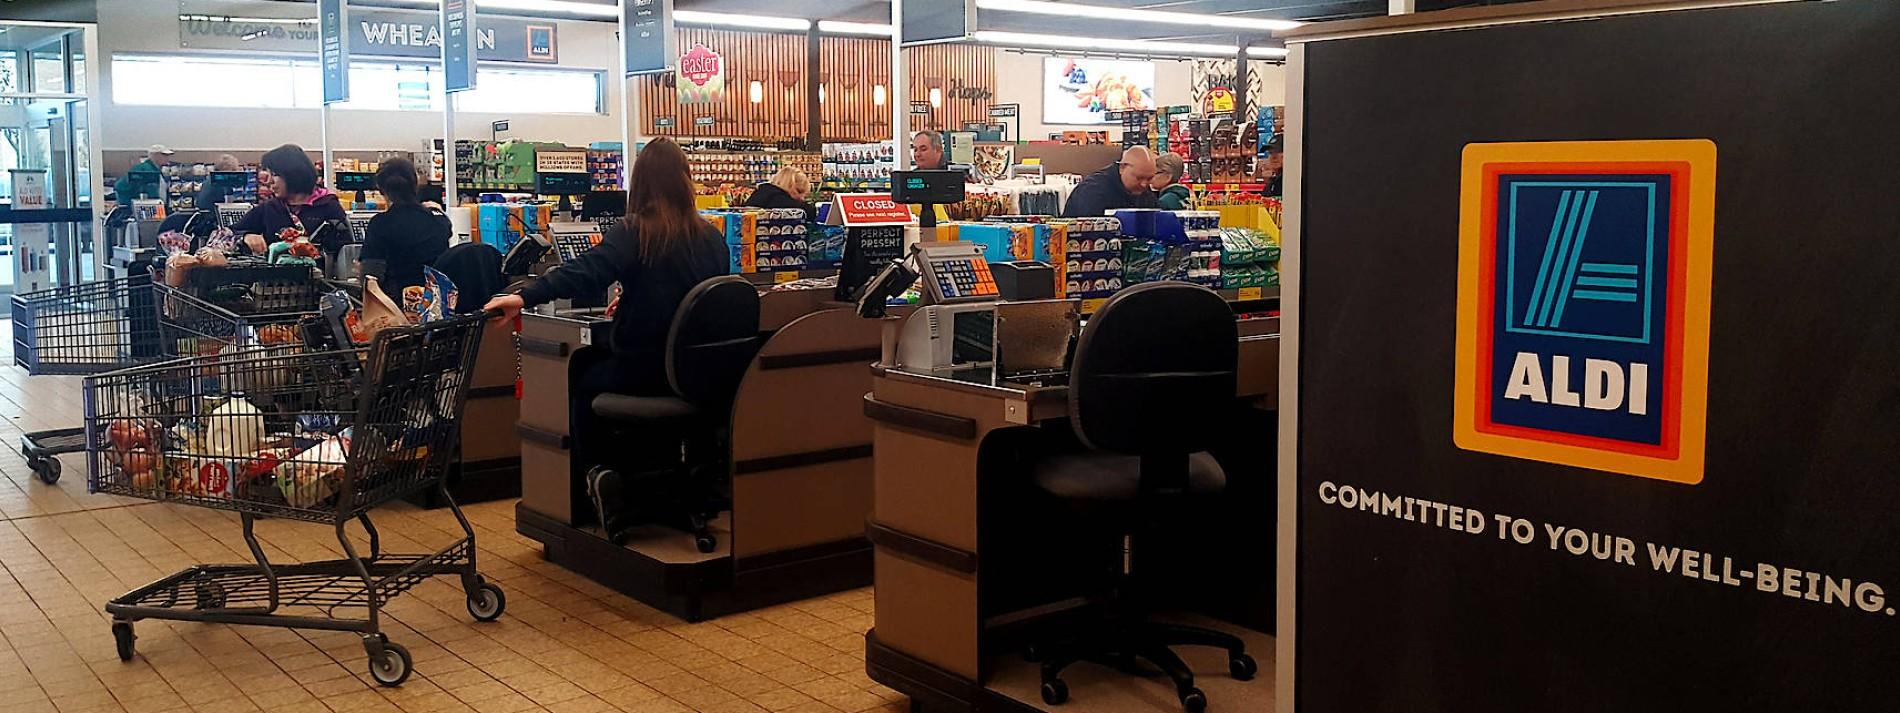 Discounter Aldi Und Lidl Greifen Walmart An Unternehmen Faz